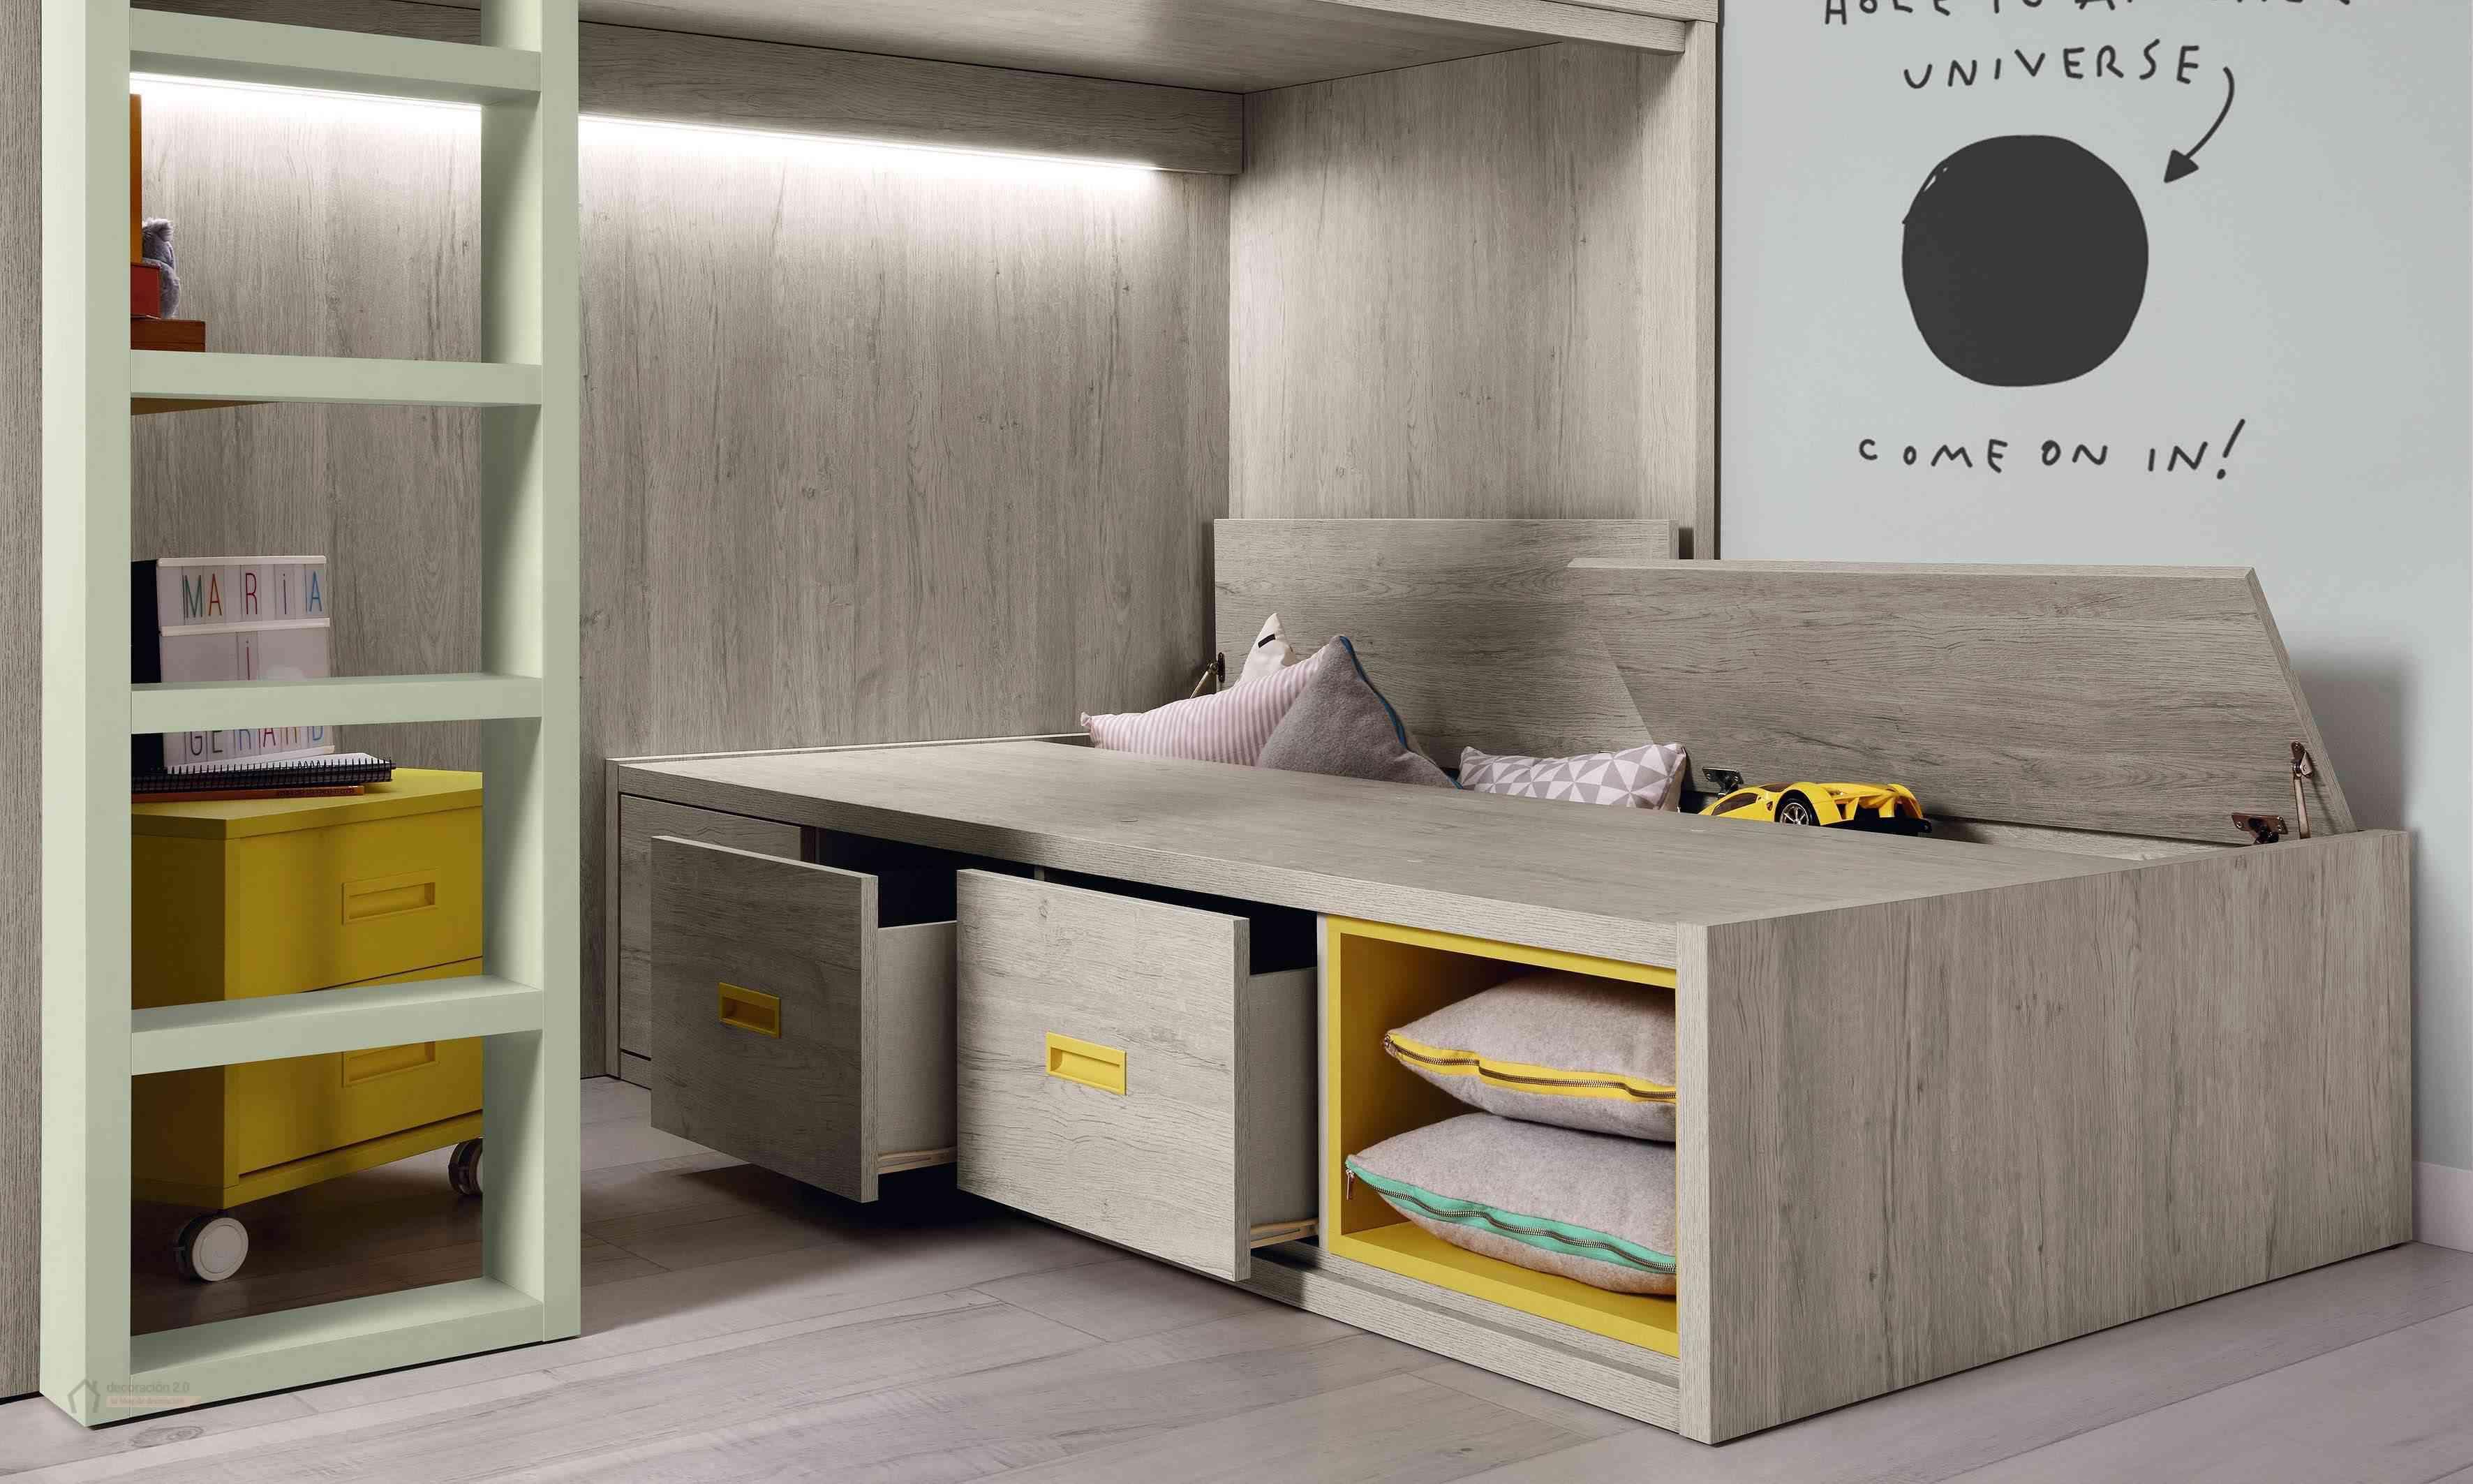 Dormitorios muy tecnológicos que siguen el ritmo de niños y jóvenes 27